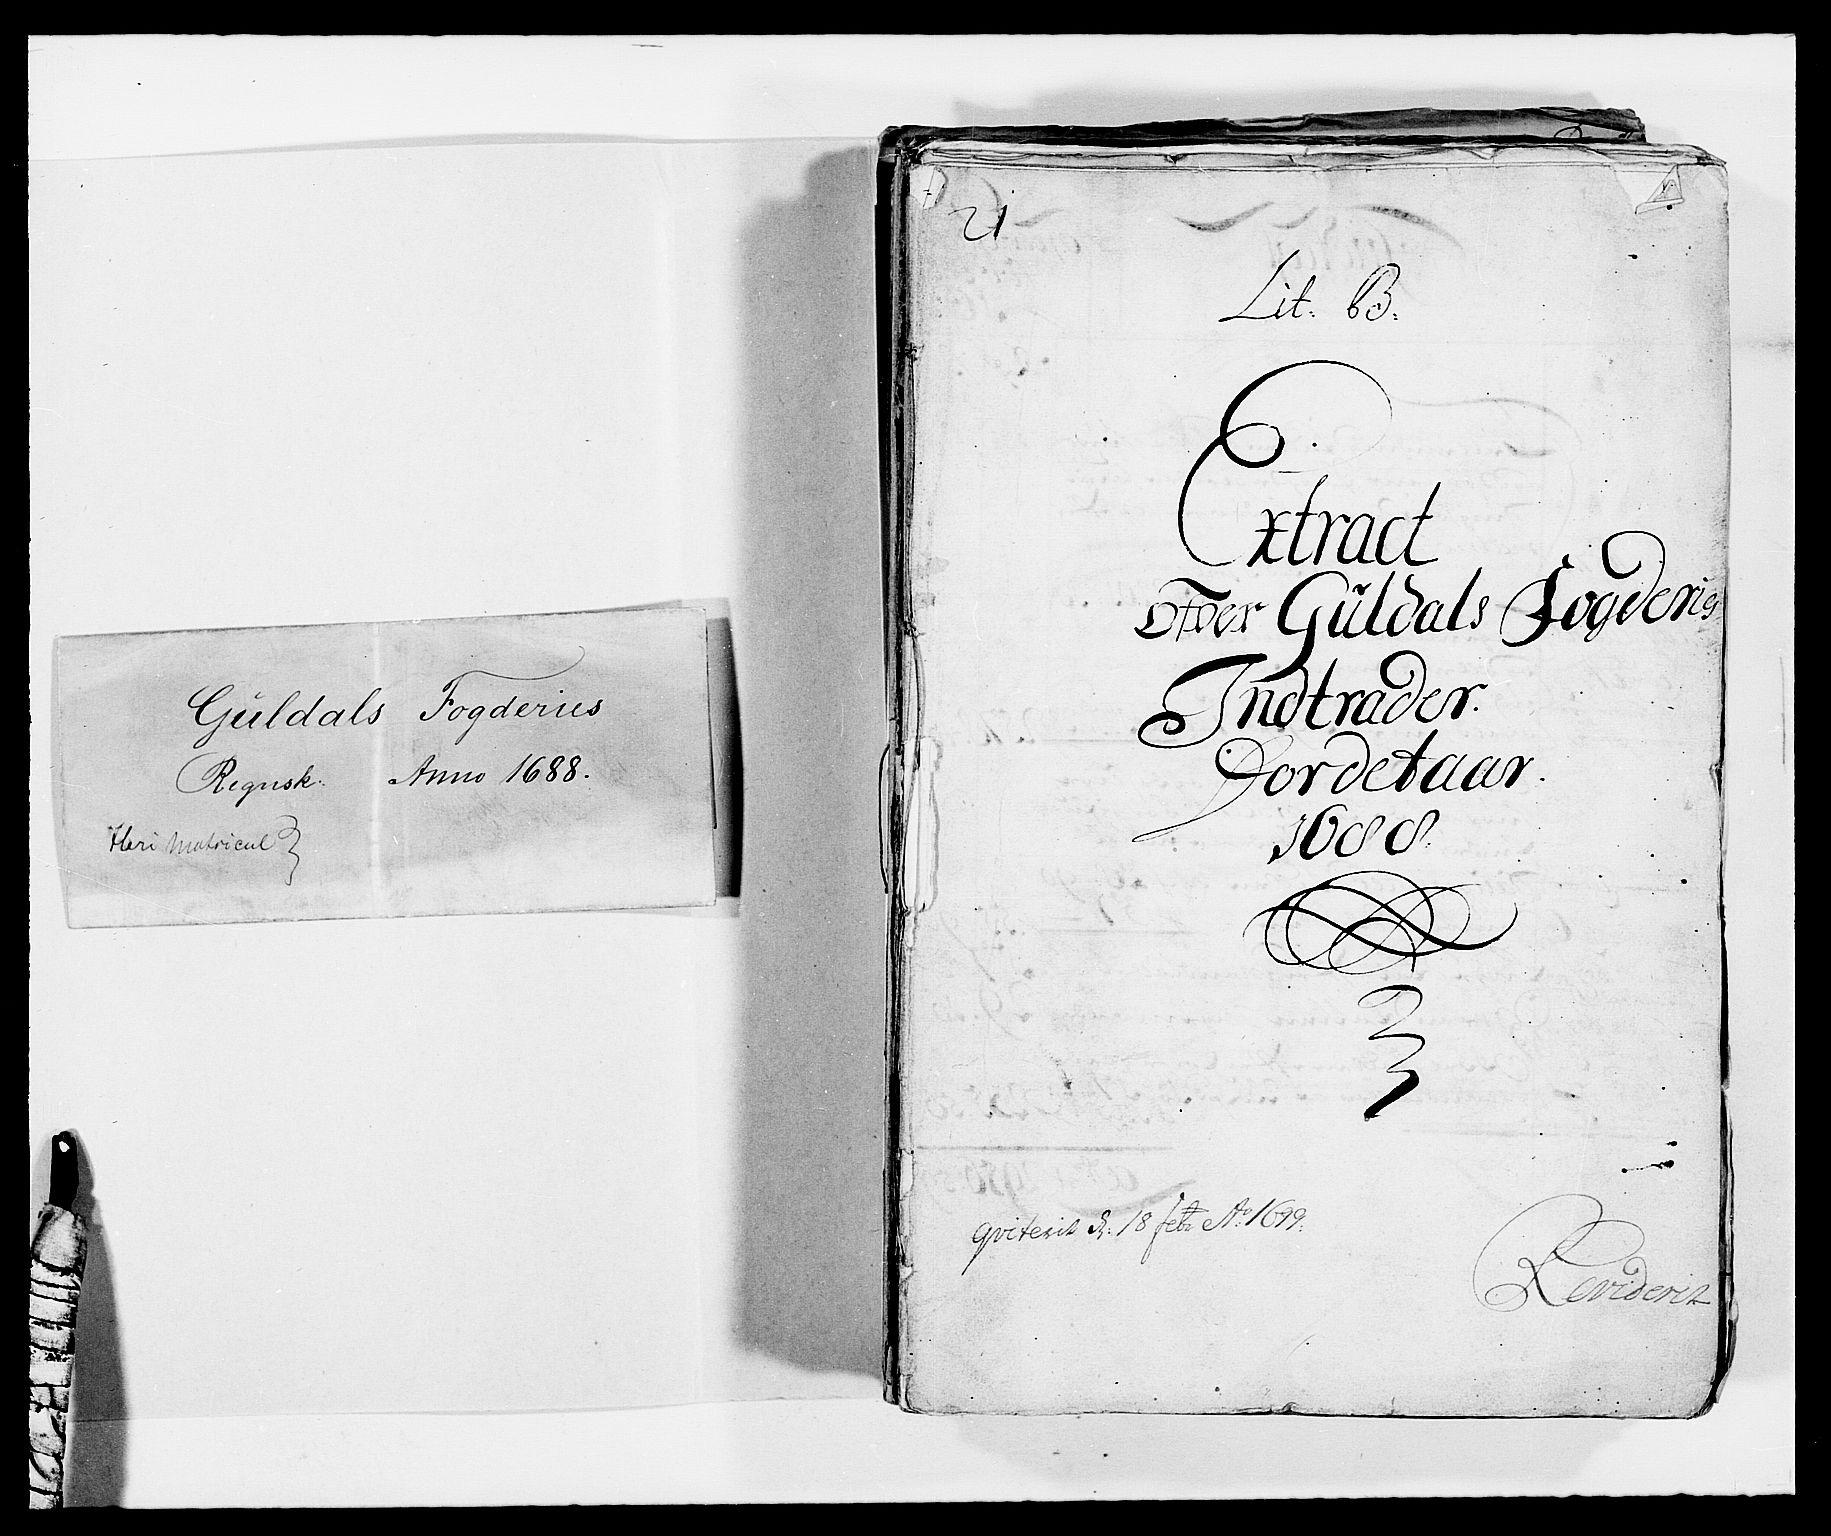 RA, Rentekammeret inntil 1814, Reviderte regnskaper, Fogderegnskap, R59/L3939: Fogderegnskap Gauldal, 1687-1688, s. 123